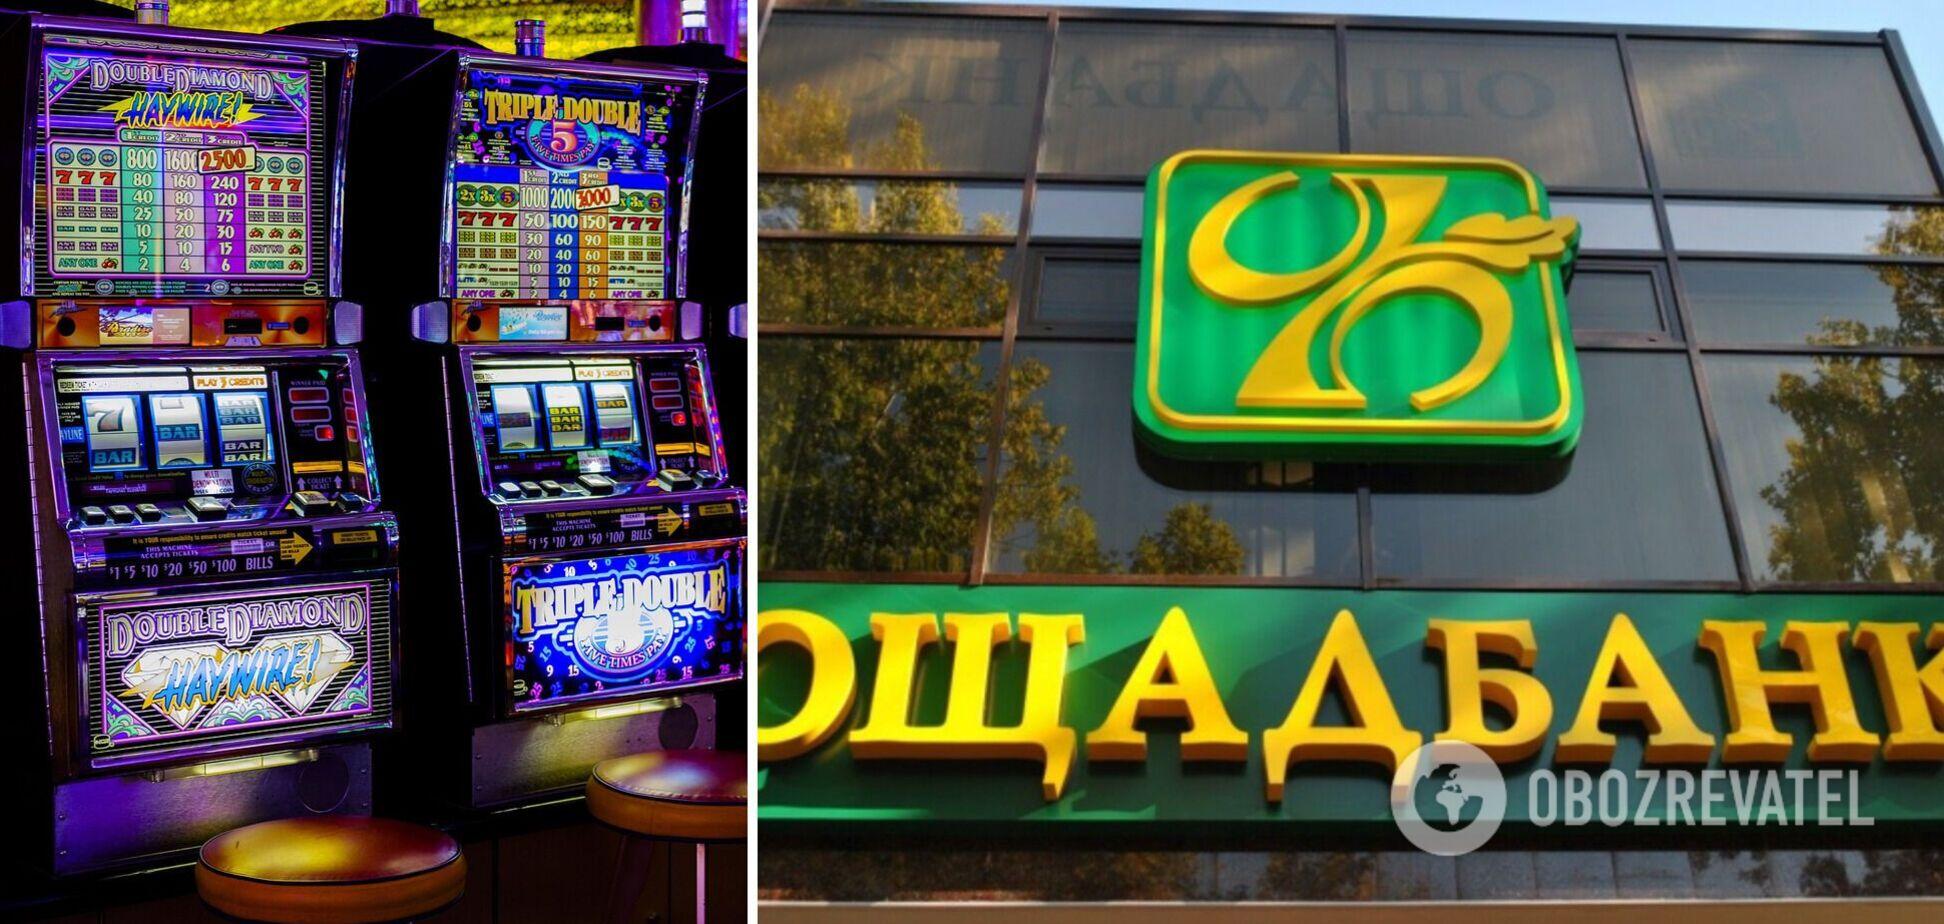 Ощадбанк откроет свой зал игровых автоматов в Украине